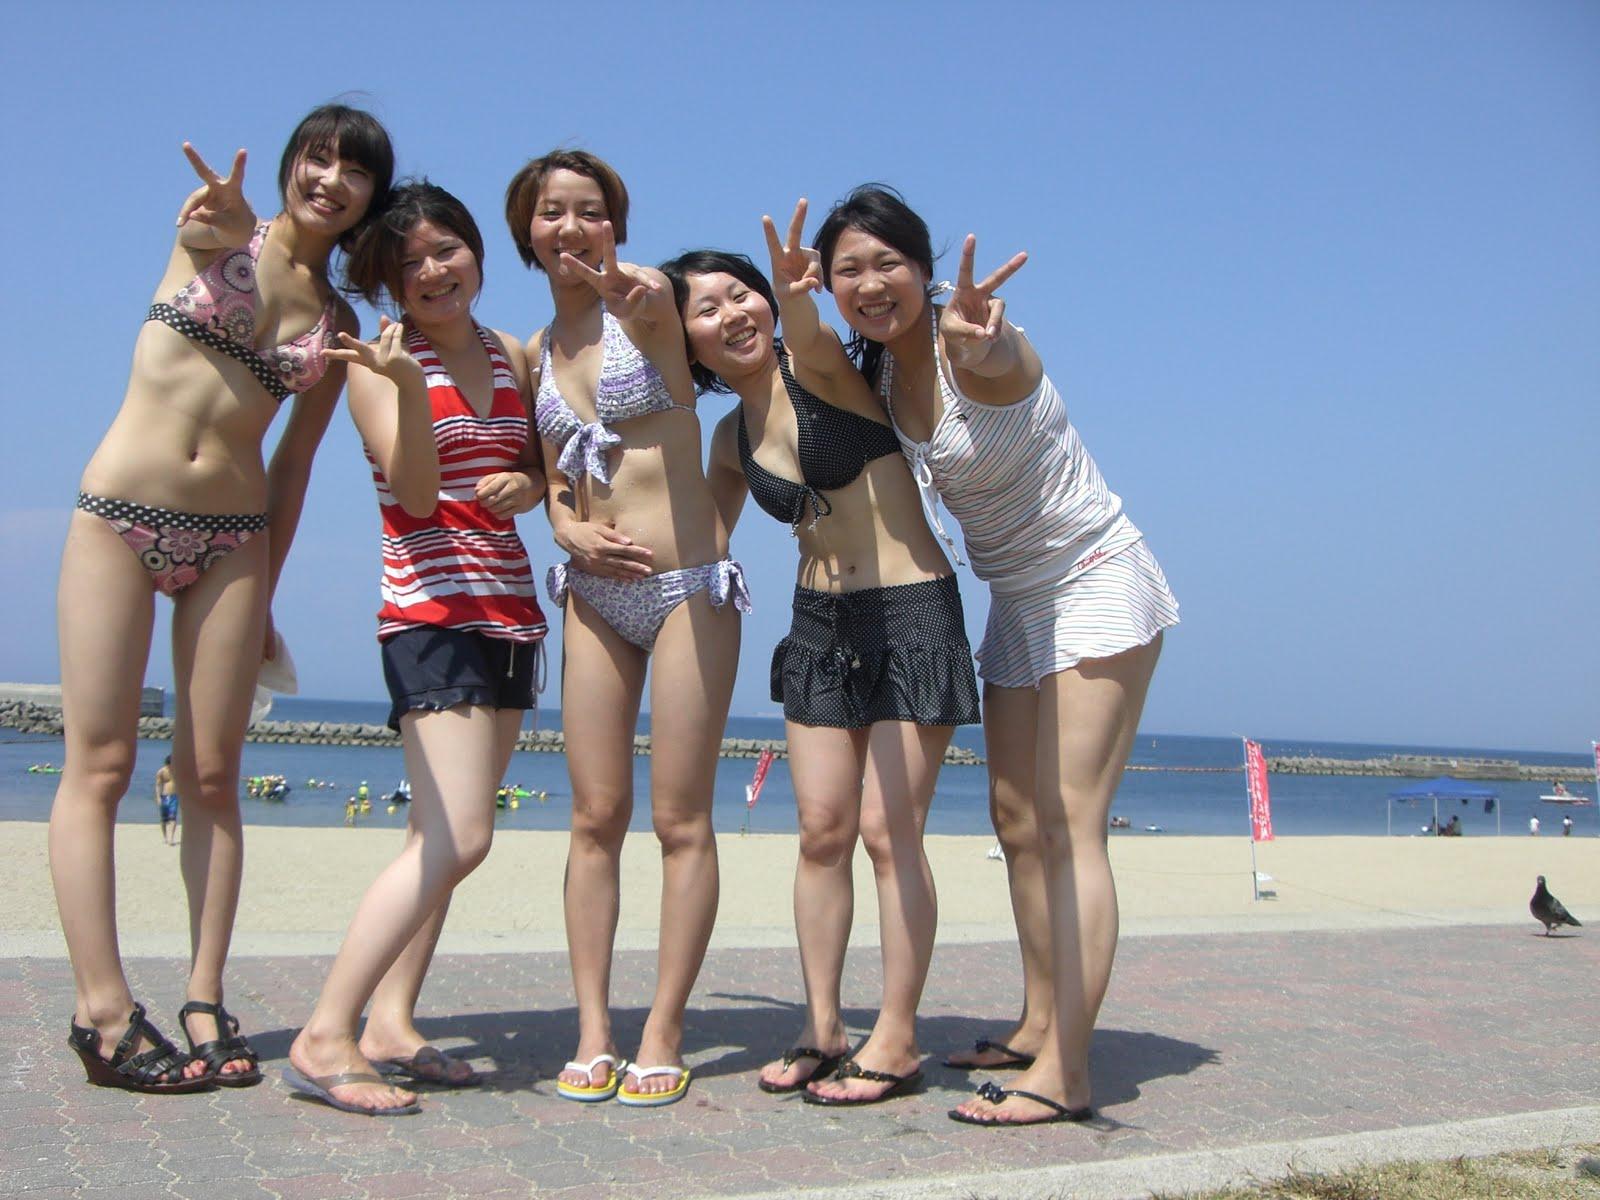 素人女性の水着 フェト☆36フェト [無断転載禁止]©bbspink.comYouTube動画>3本 ->画像>752枚